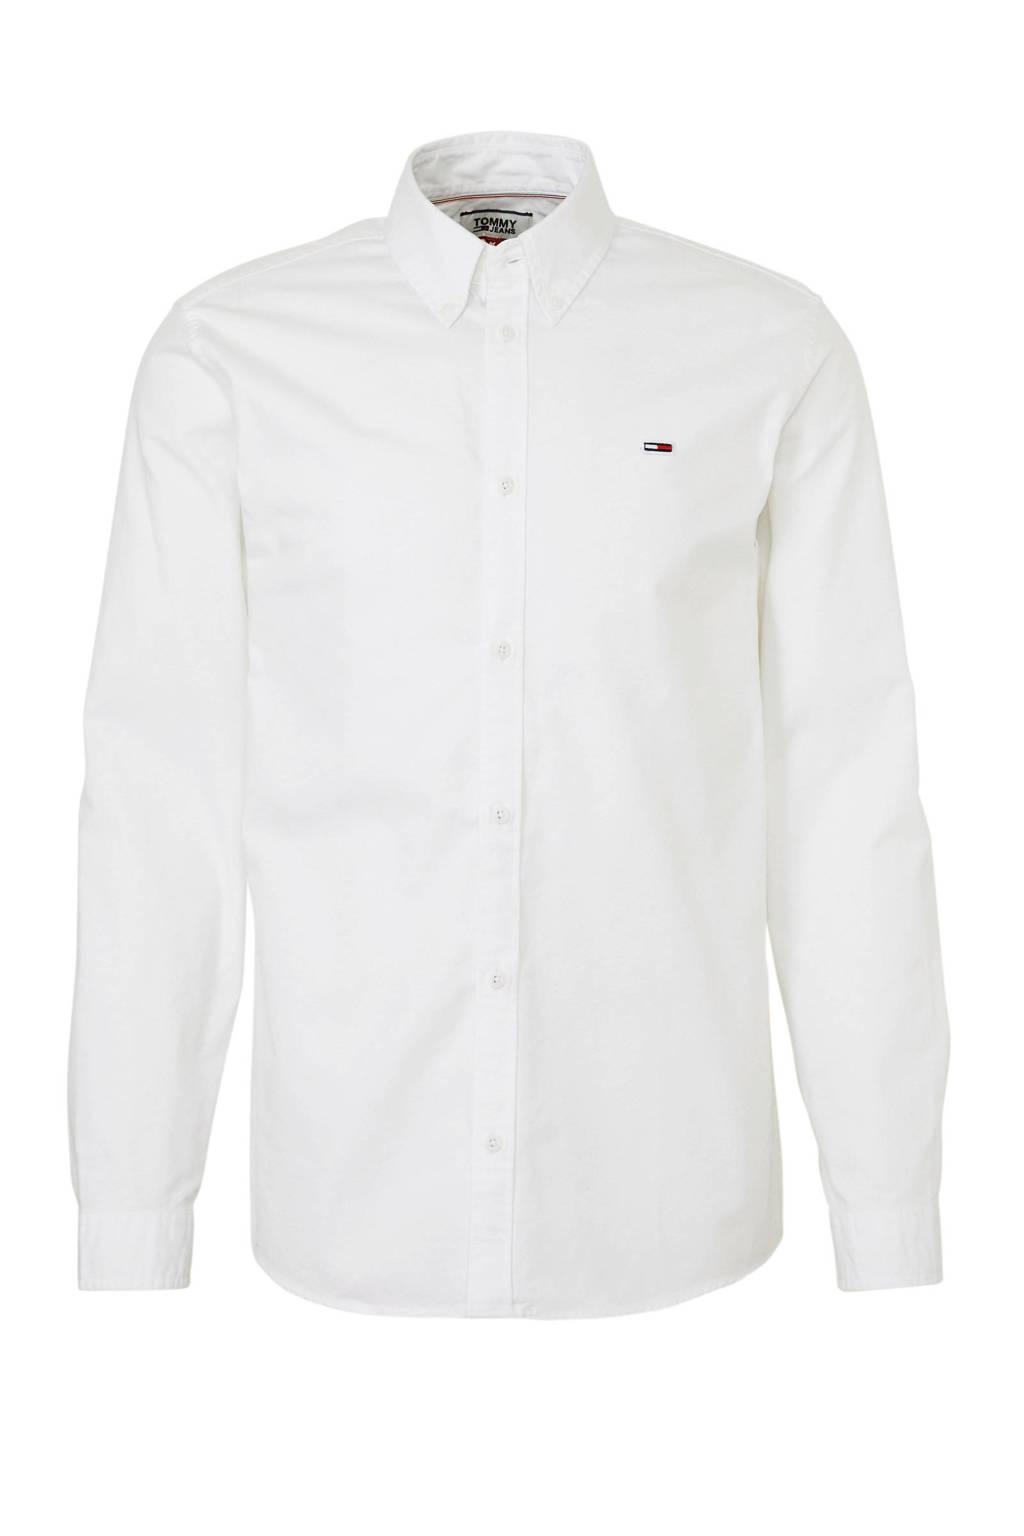 Tommy Jeans regular fit overhemd met logo wit, Wit